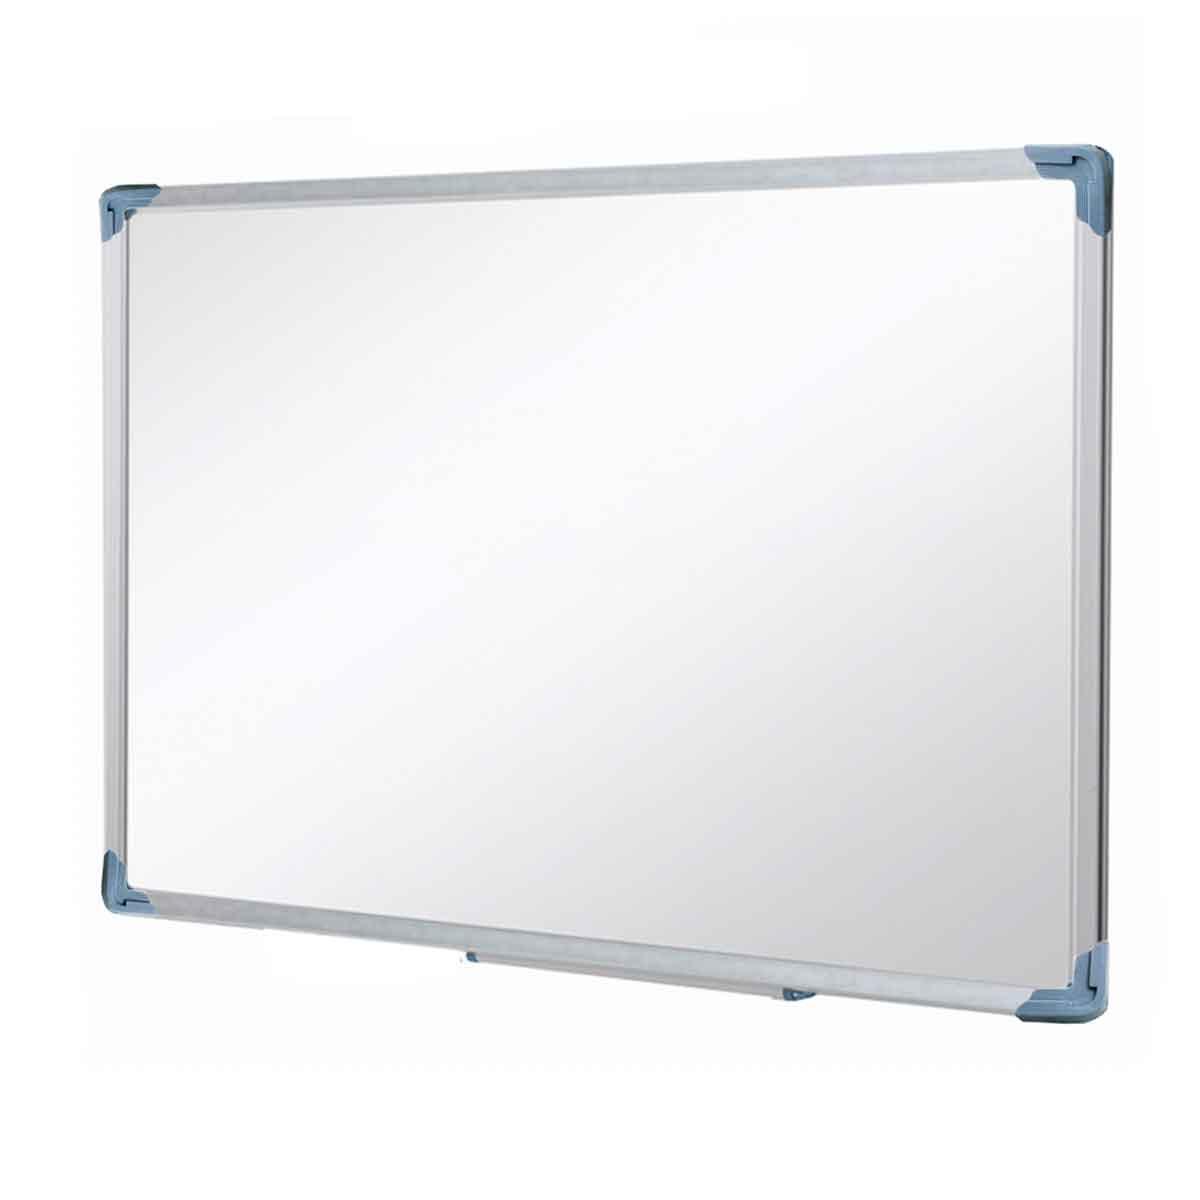 Lousa Quadro Branco 100x80cm Com Moldura De Alumínio